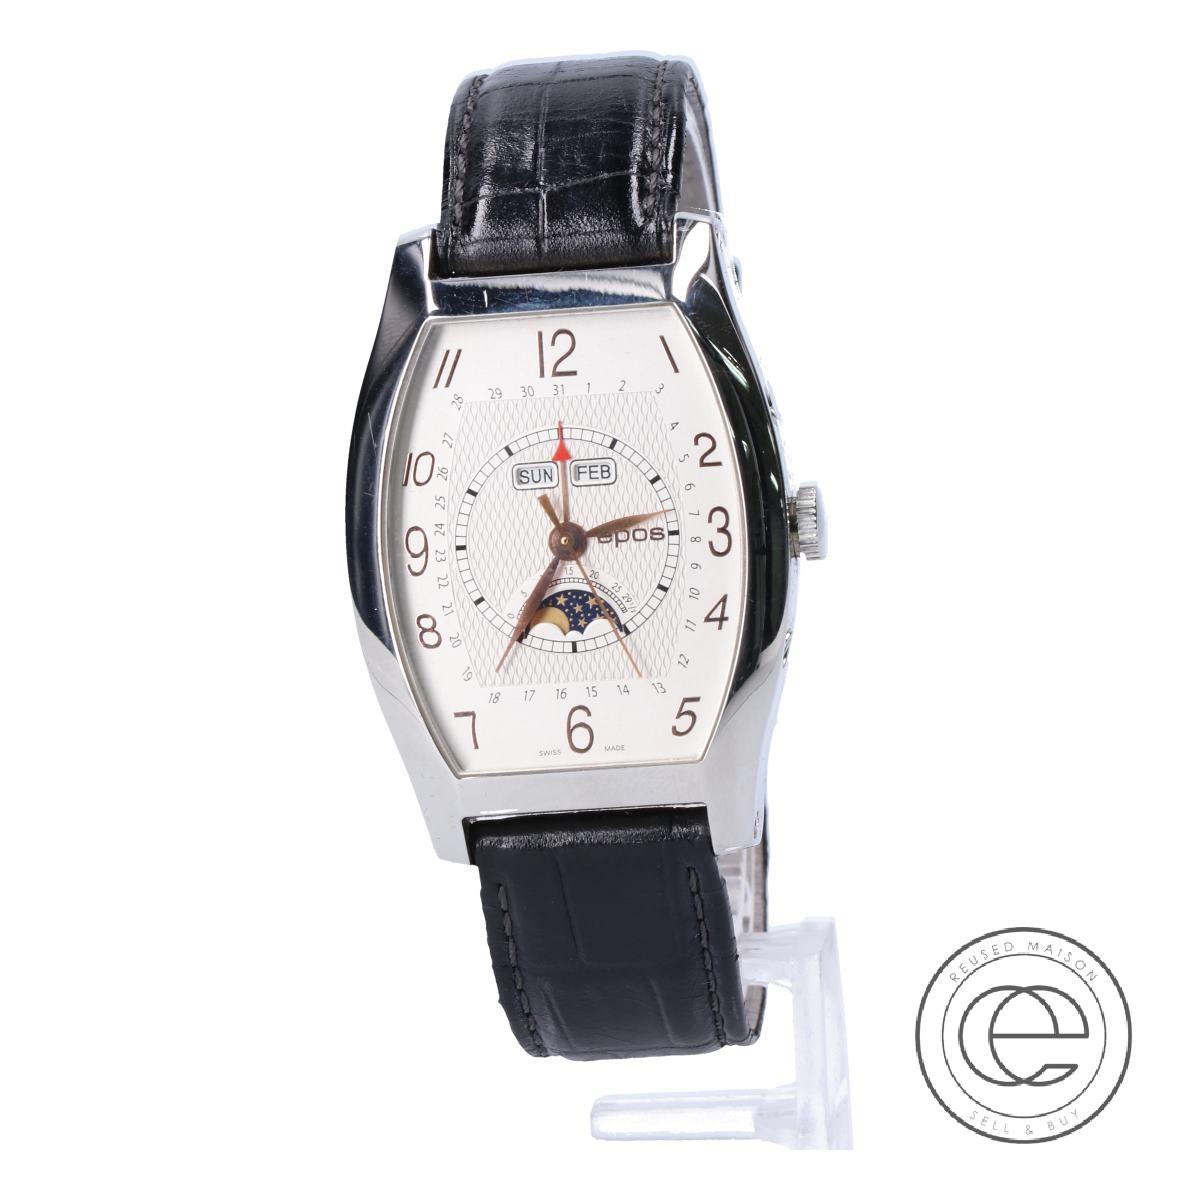 eposエポス 3360SL フルカレンダー ムーンフェイズ トノー 白文字盤 自動巻き 腕時計 シルバー/ブラック メンズ 【中古】